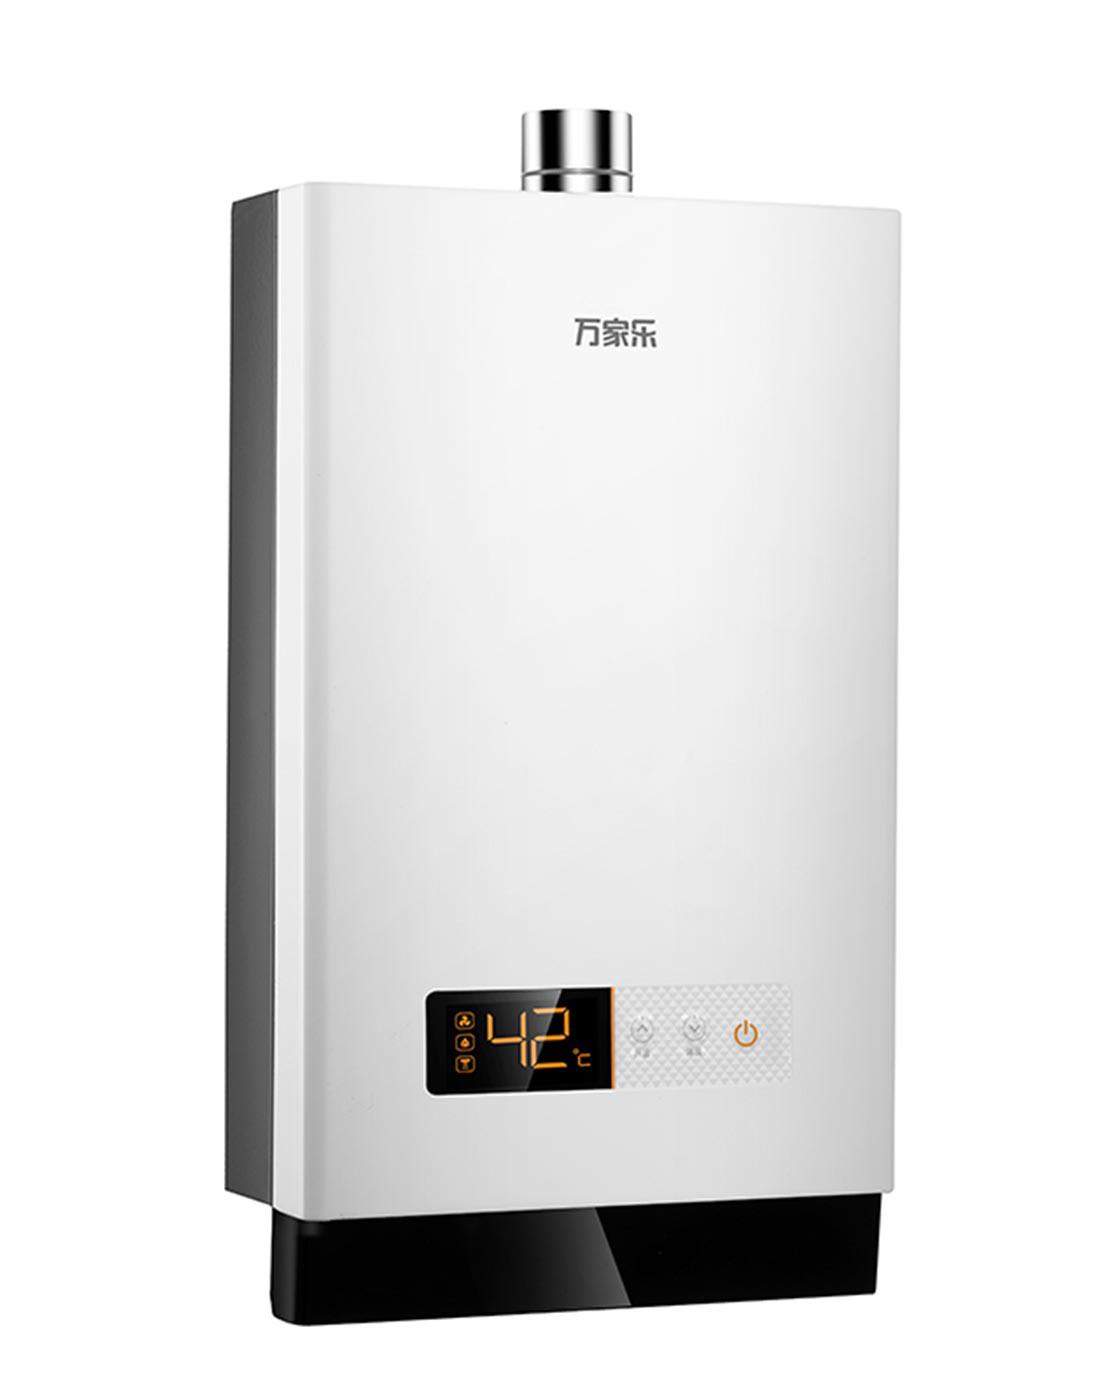 平衡式燃气热水器好_万家乐天然气燃气热水器10升